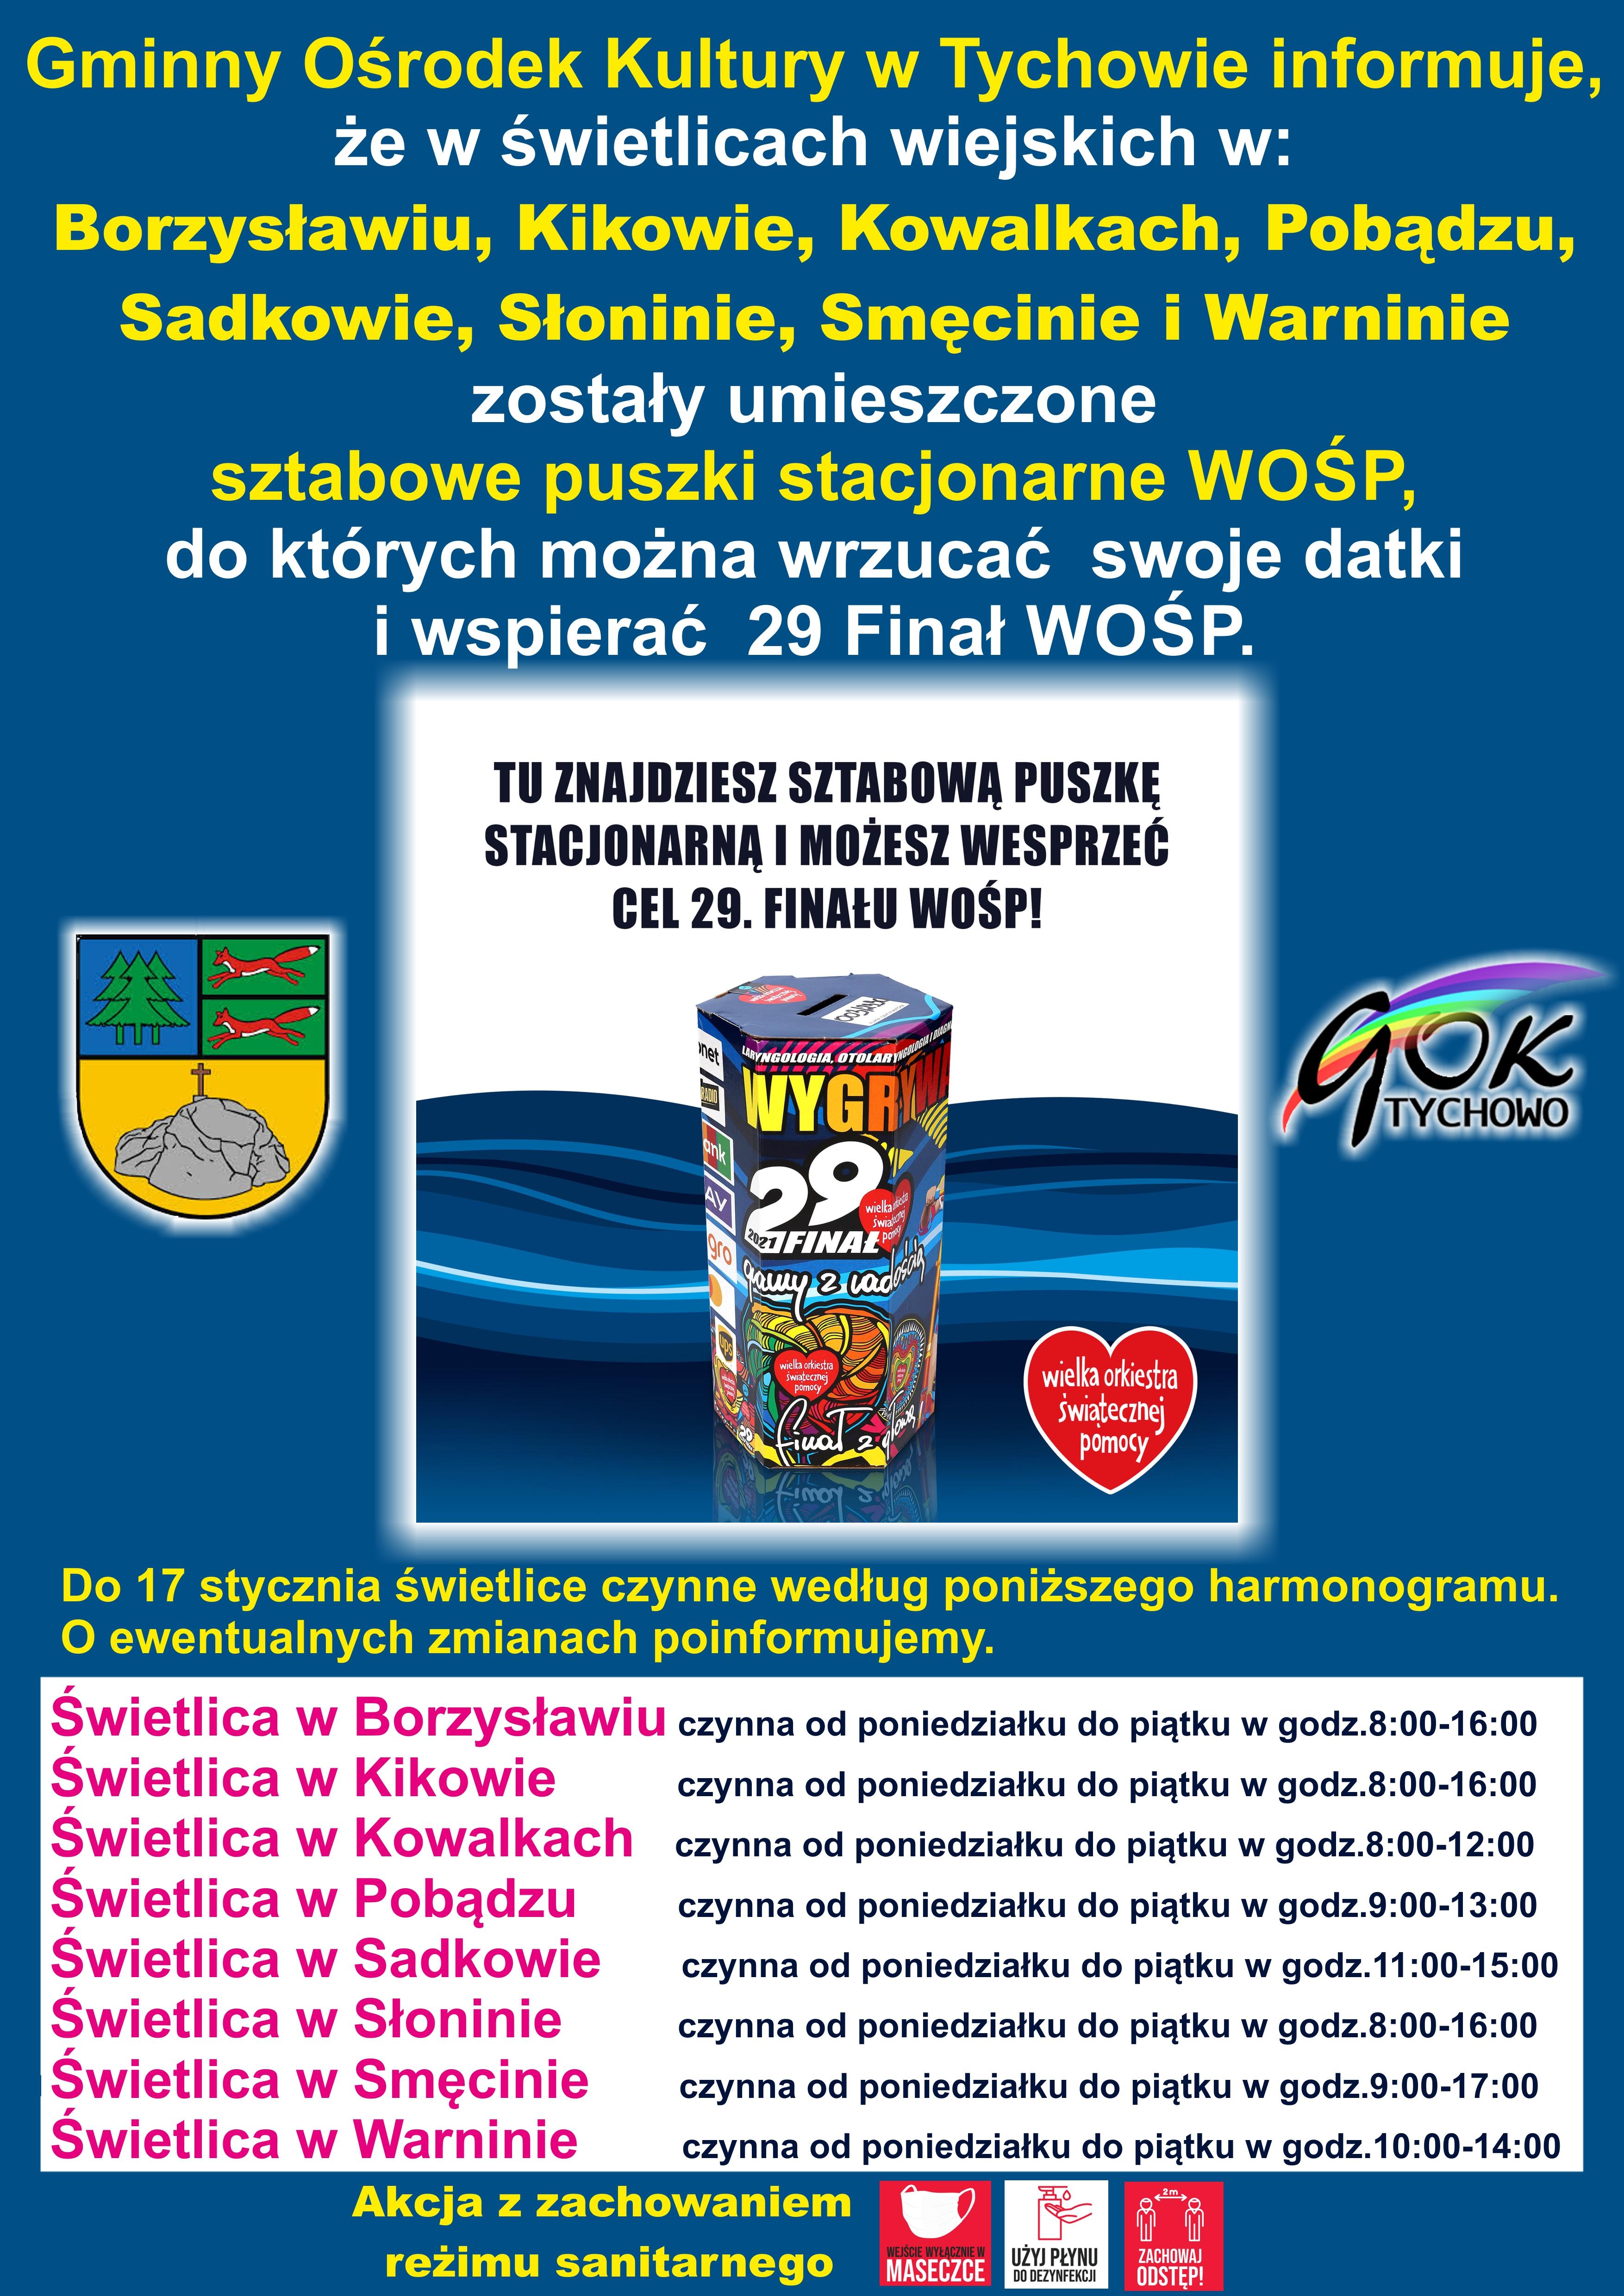 Plakat informujący o stacjonarnych puszkach WOŚP. W jaki miejscowościach , w jakich godzinach.